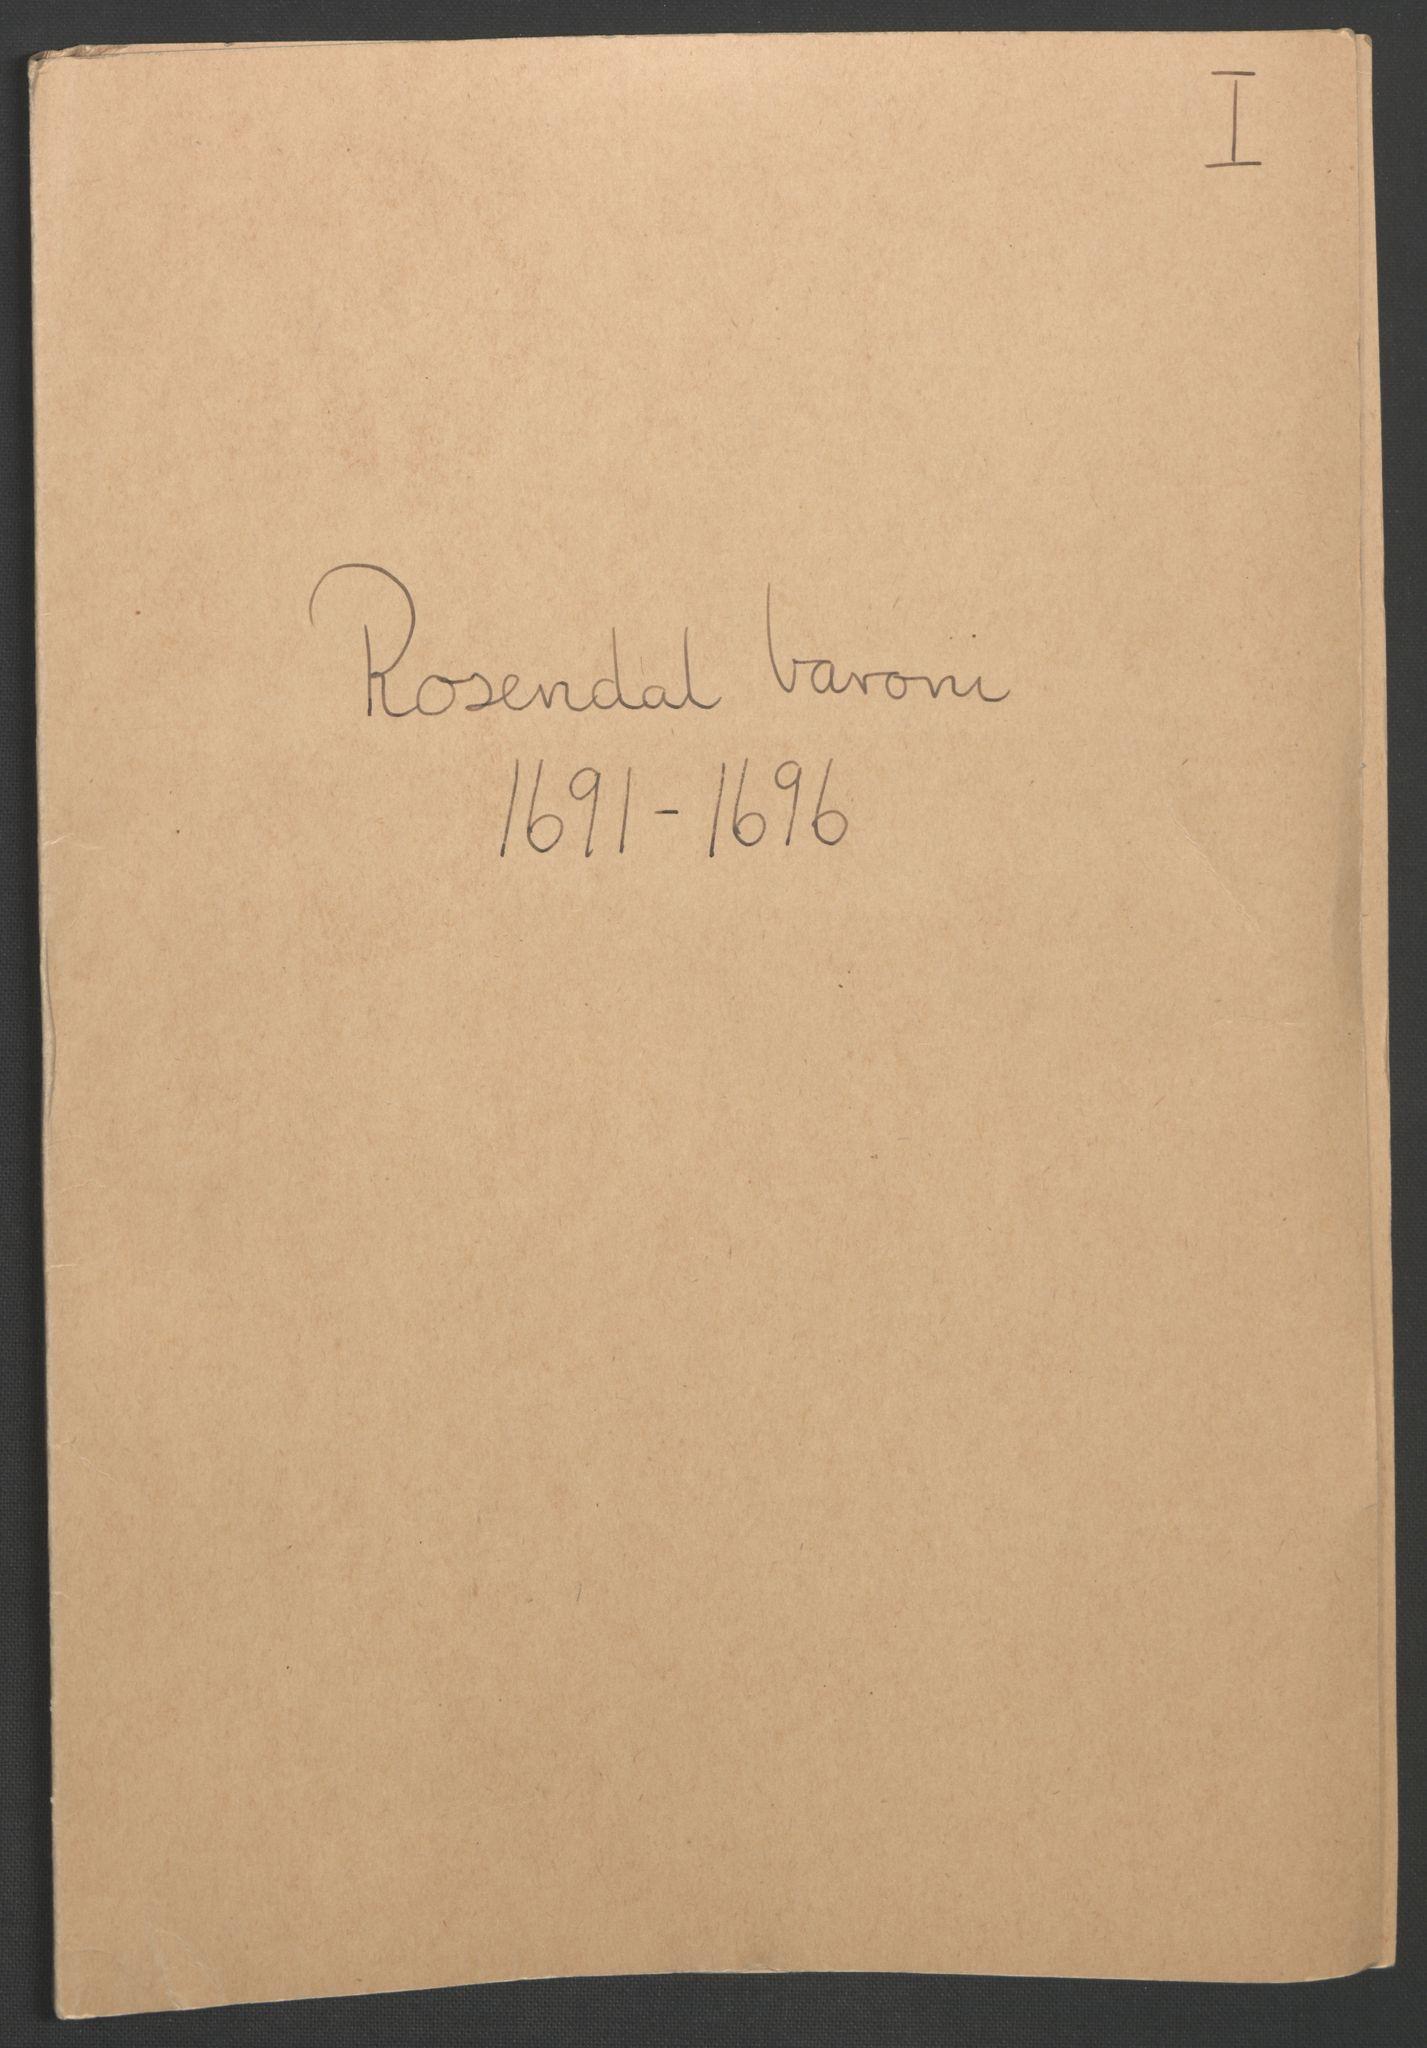 RA, Rentekammeret inntil 1814, Reviderte regnskaper, Fogderegnskap, R49/L3138: Fogderegnskap Rosendal Baroni, 1691-1714, s. 2